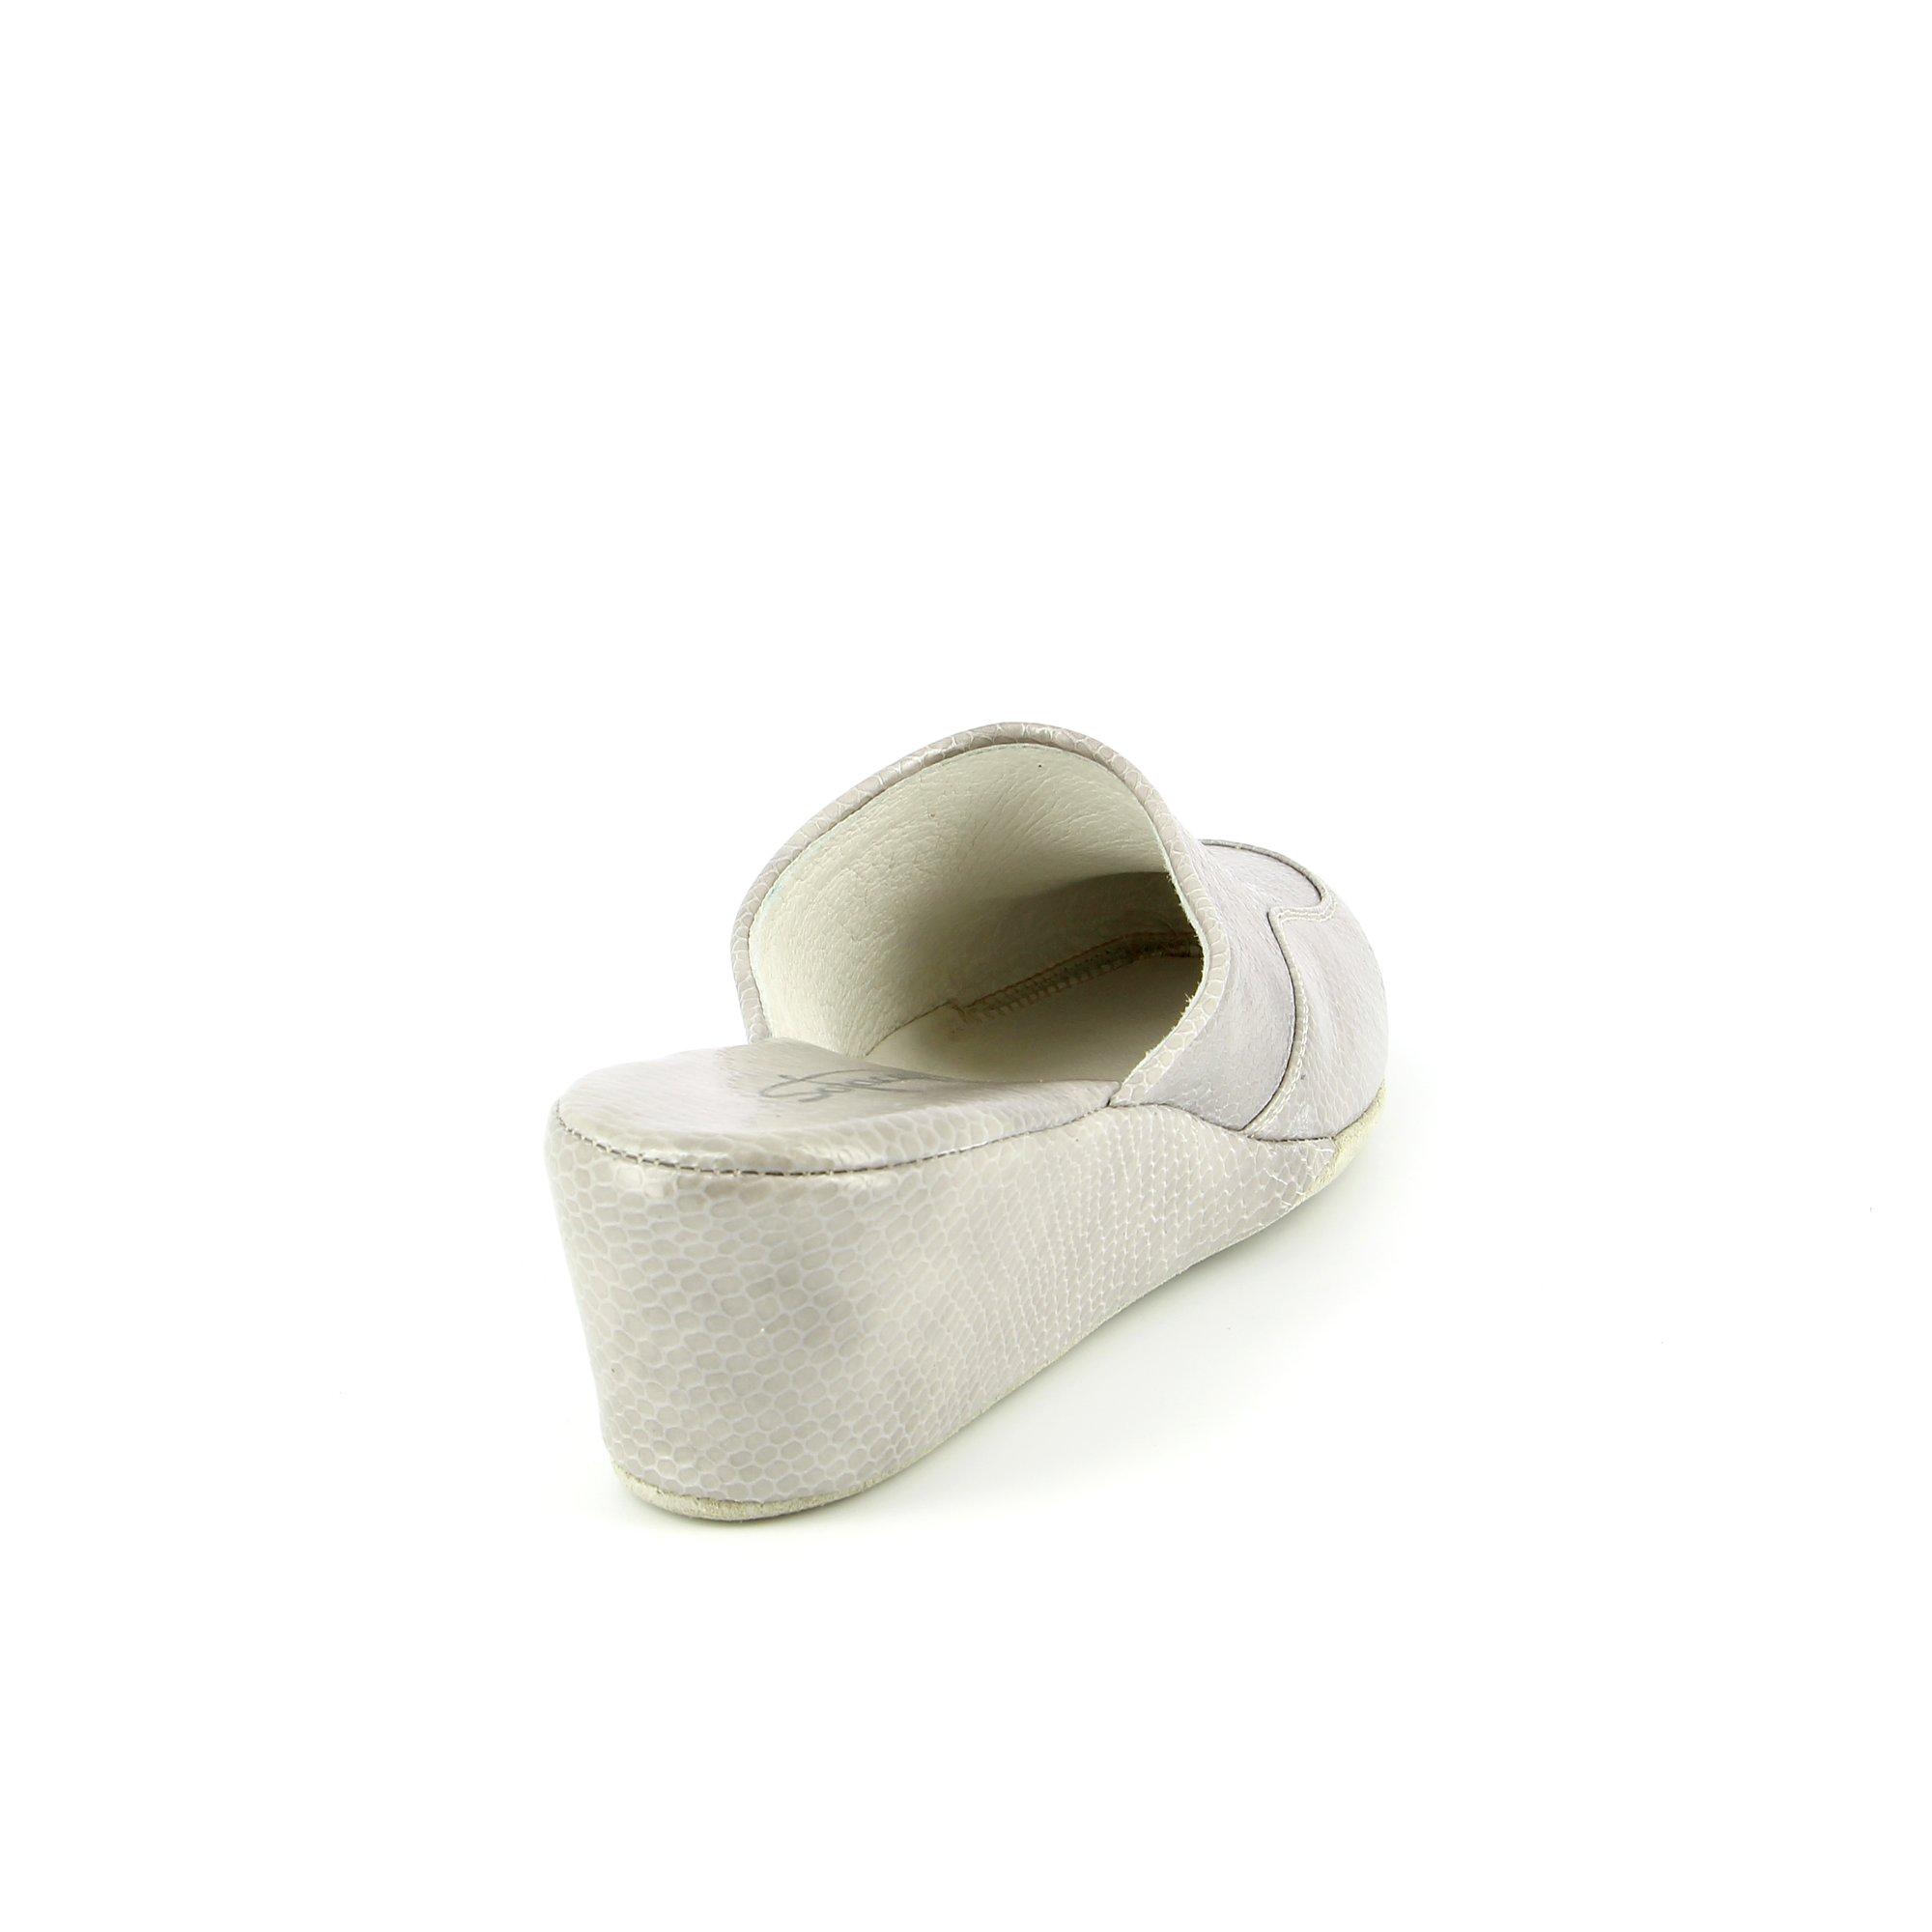 Sofacq Pantoufles beige